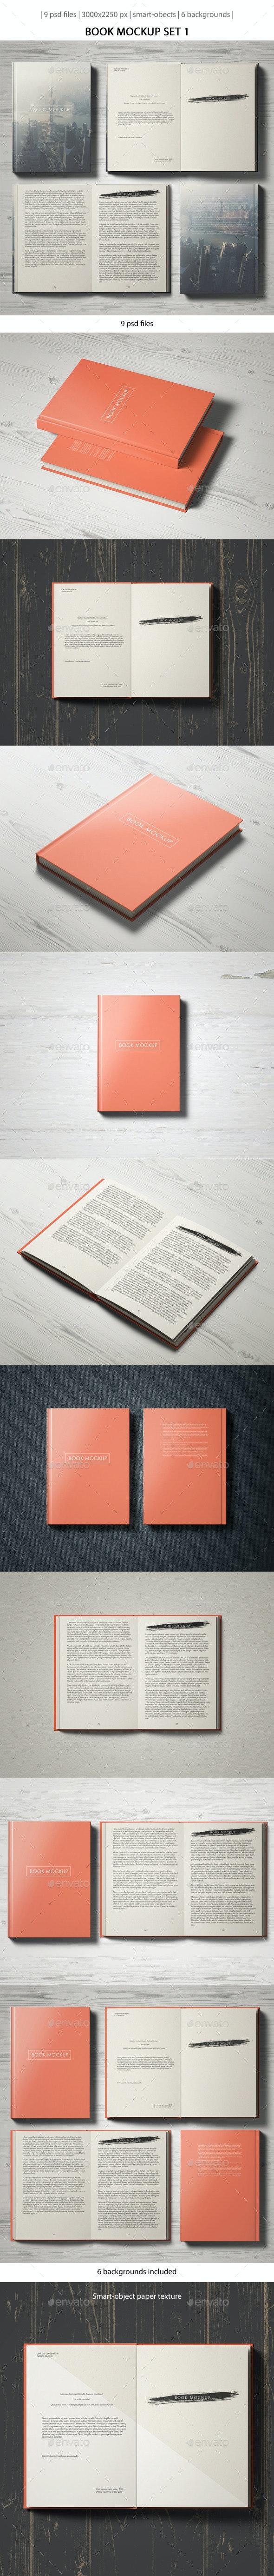 Book Mockup Set 1 - Books Print